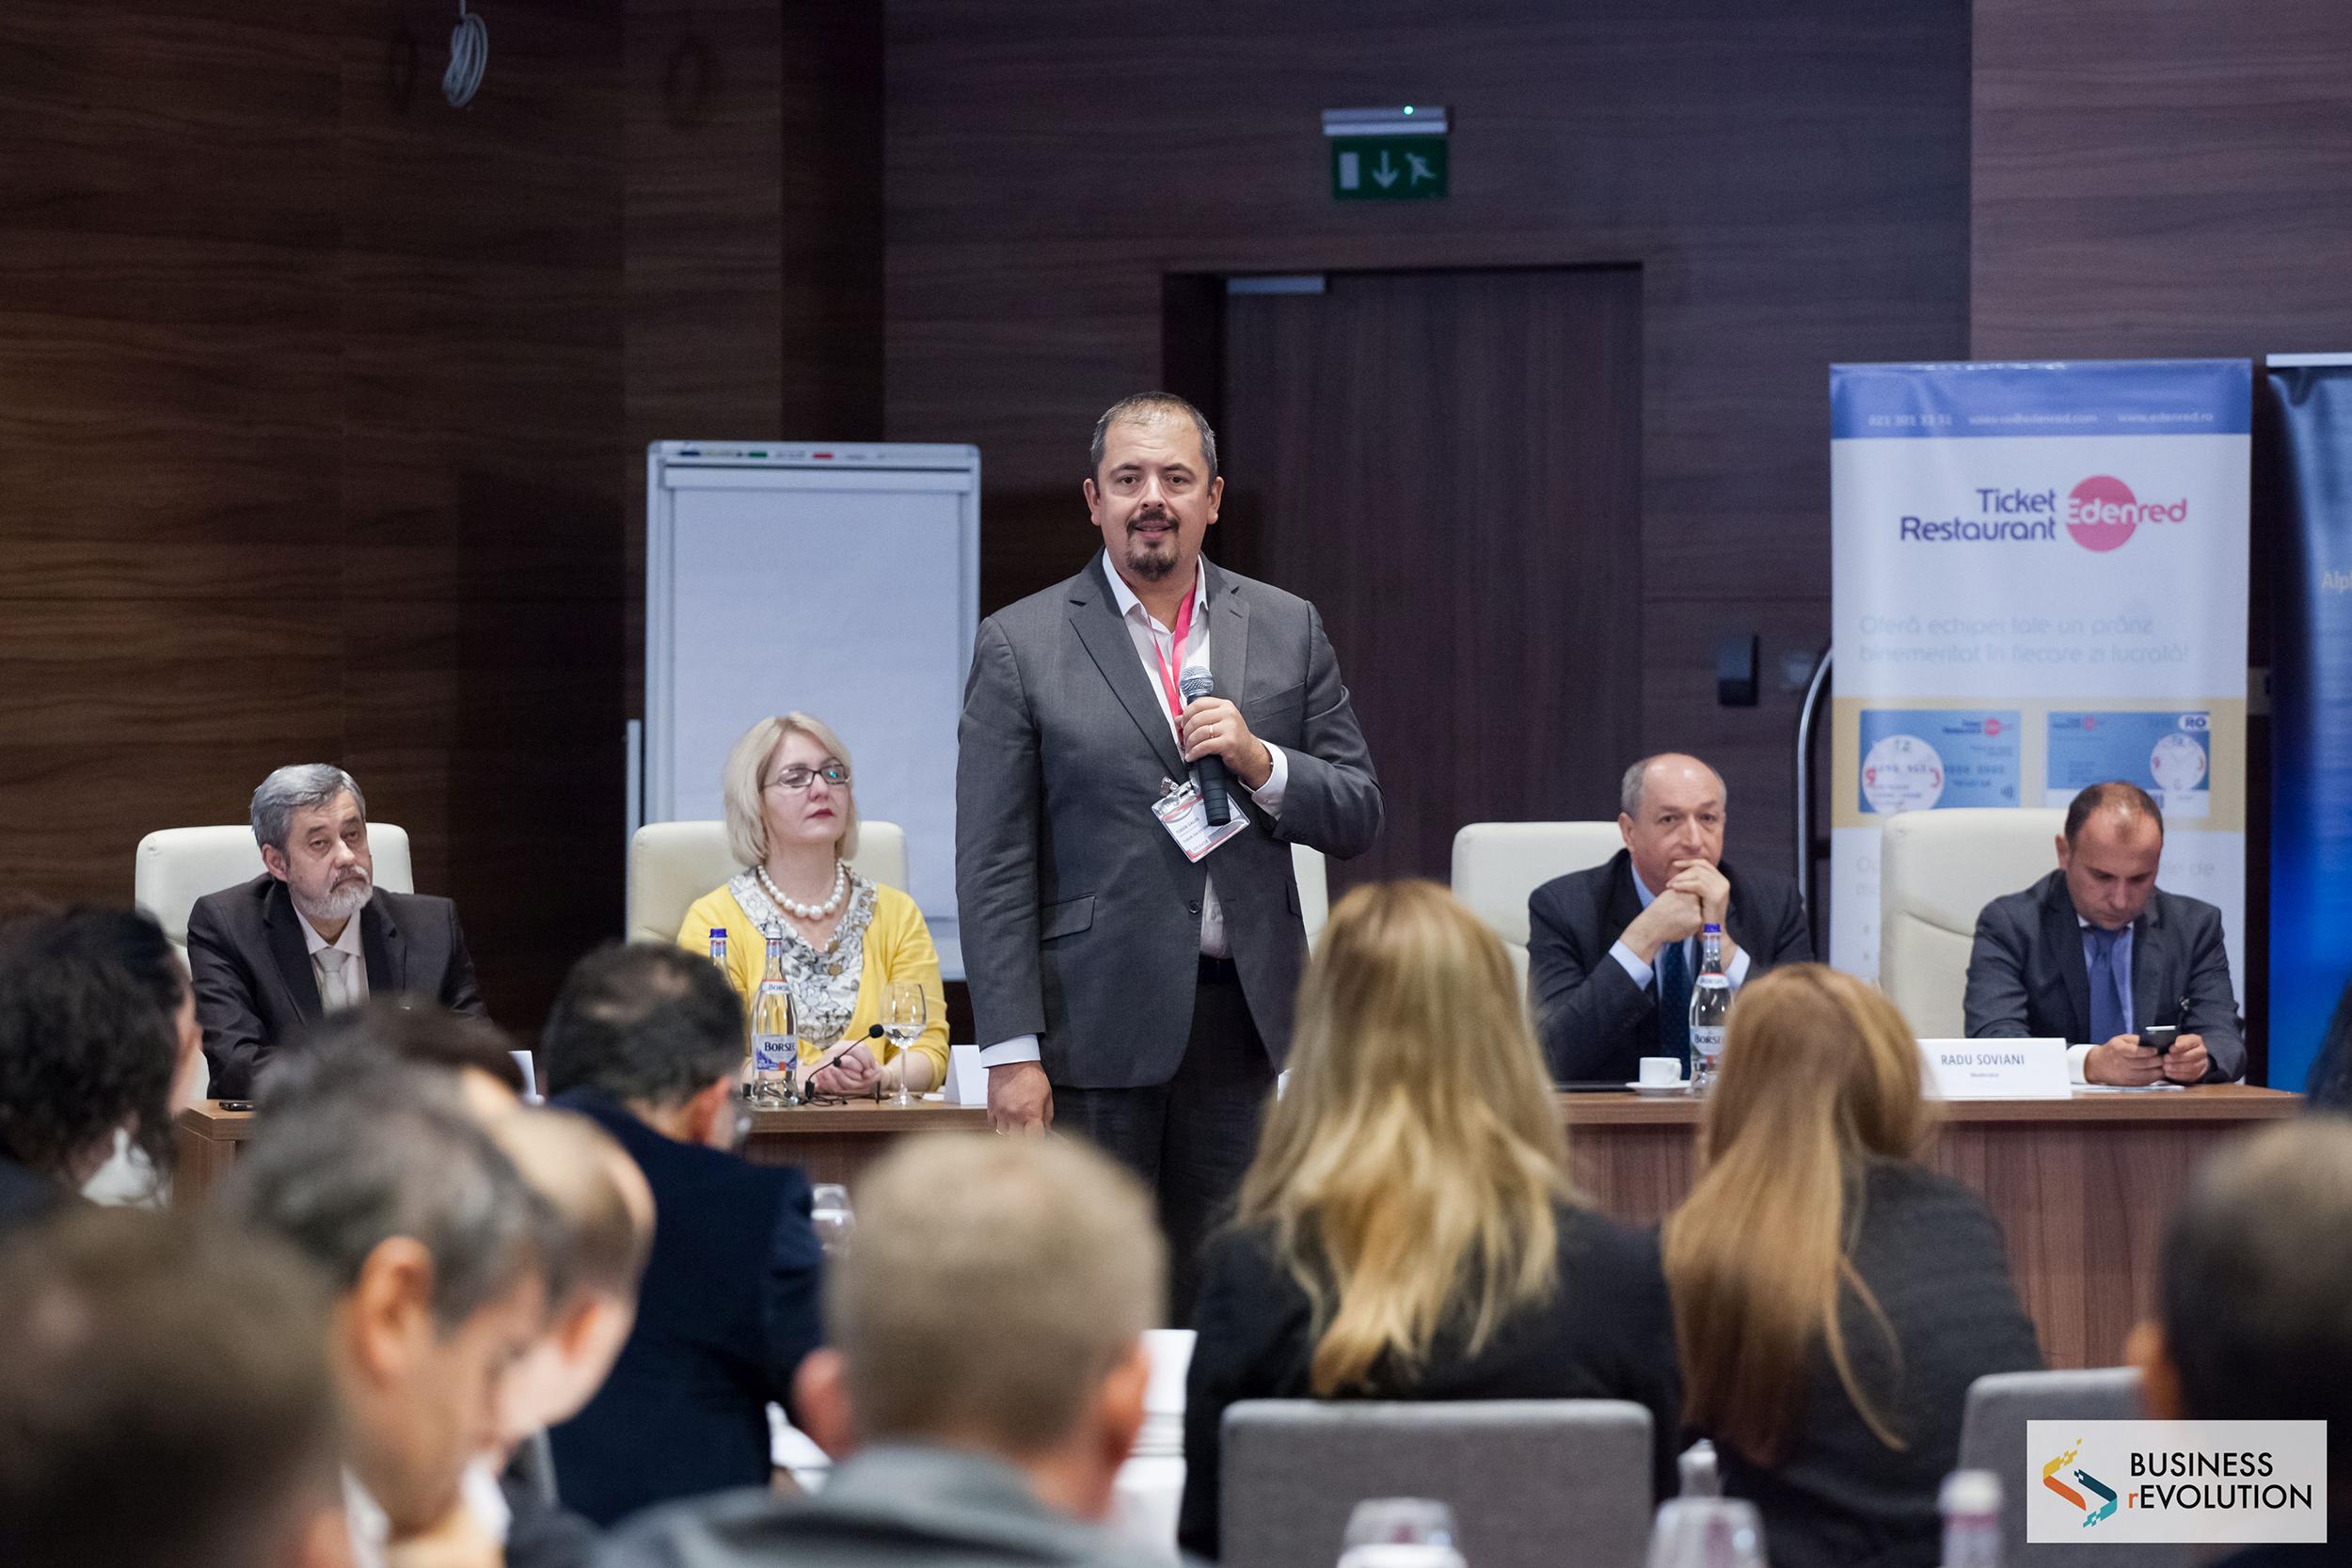 Tudor Galos - Tudor Galos Consulting - rEvoluția digitală agită apele și la Craiova